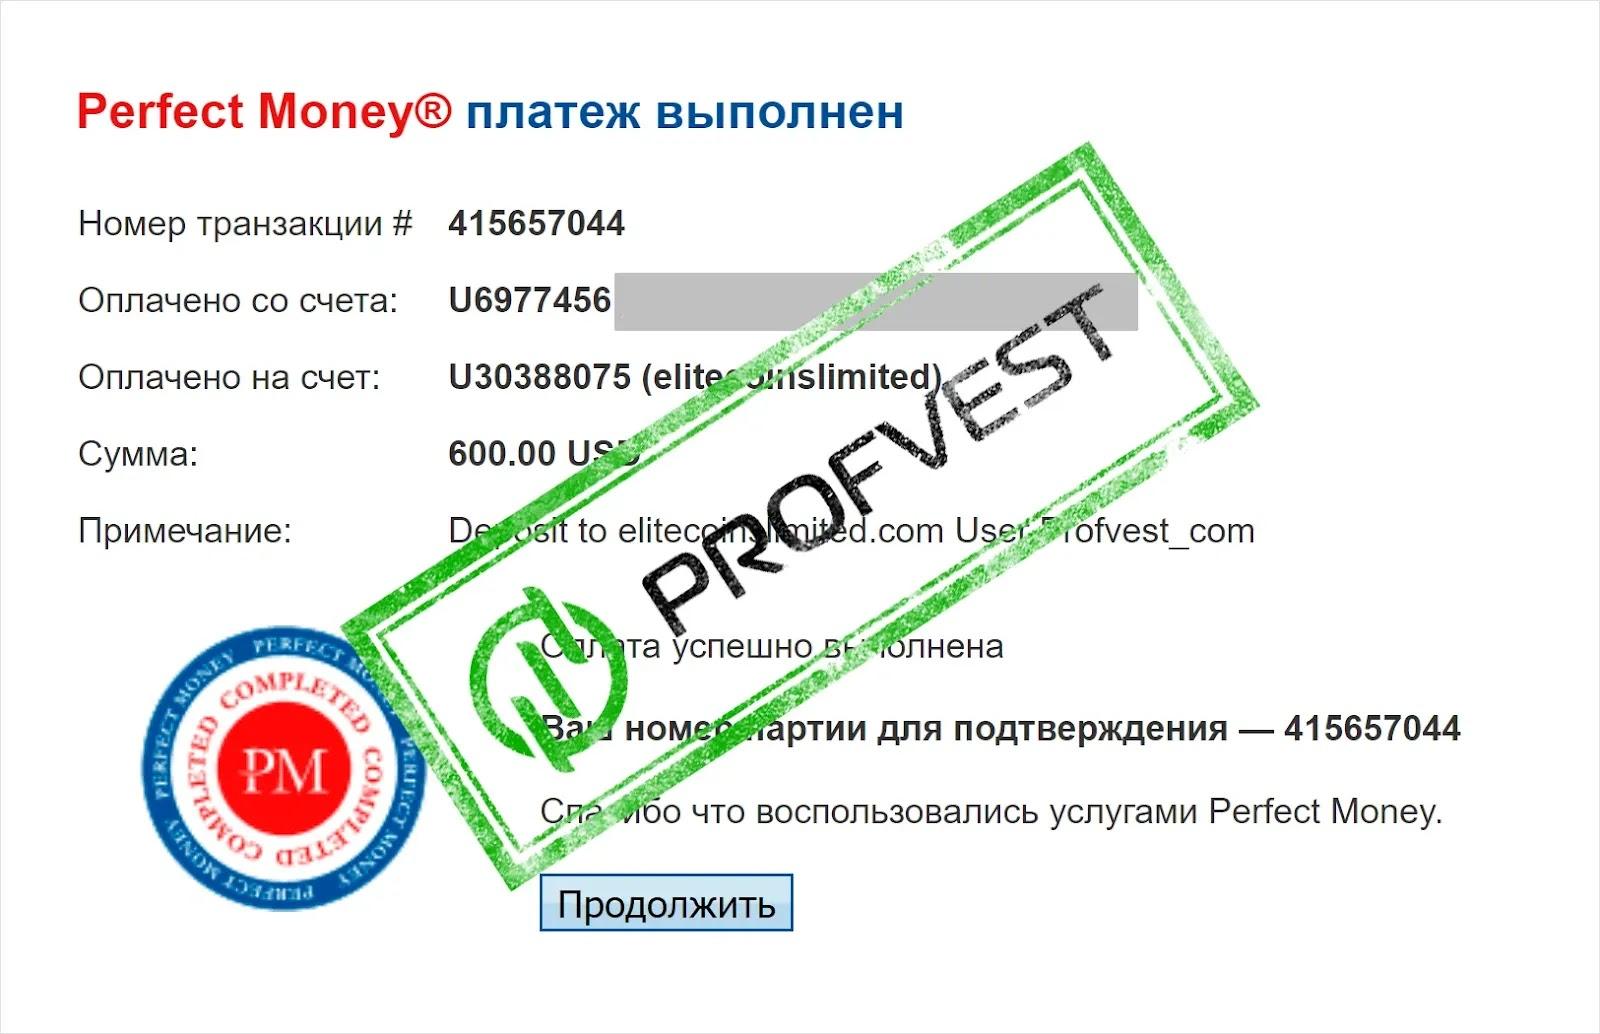 Депозит в Elite Coins Limited